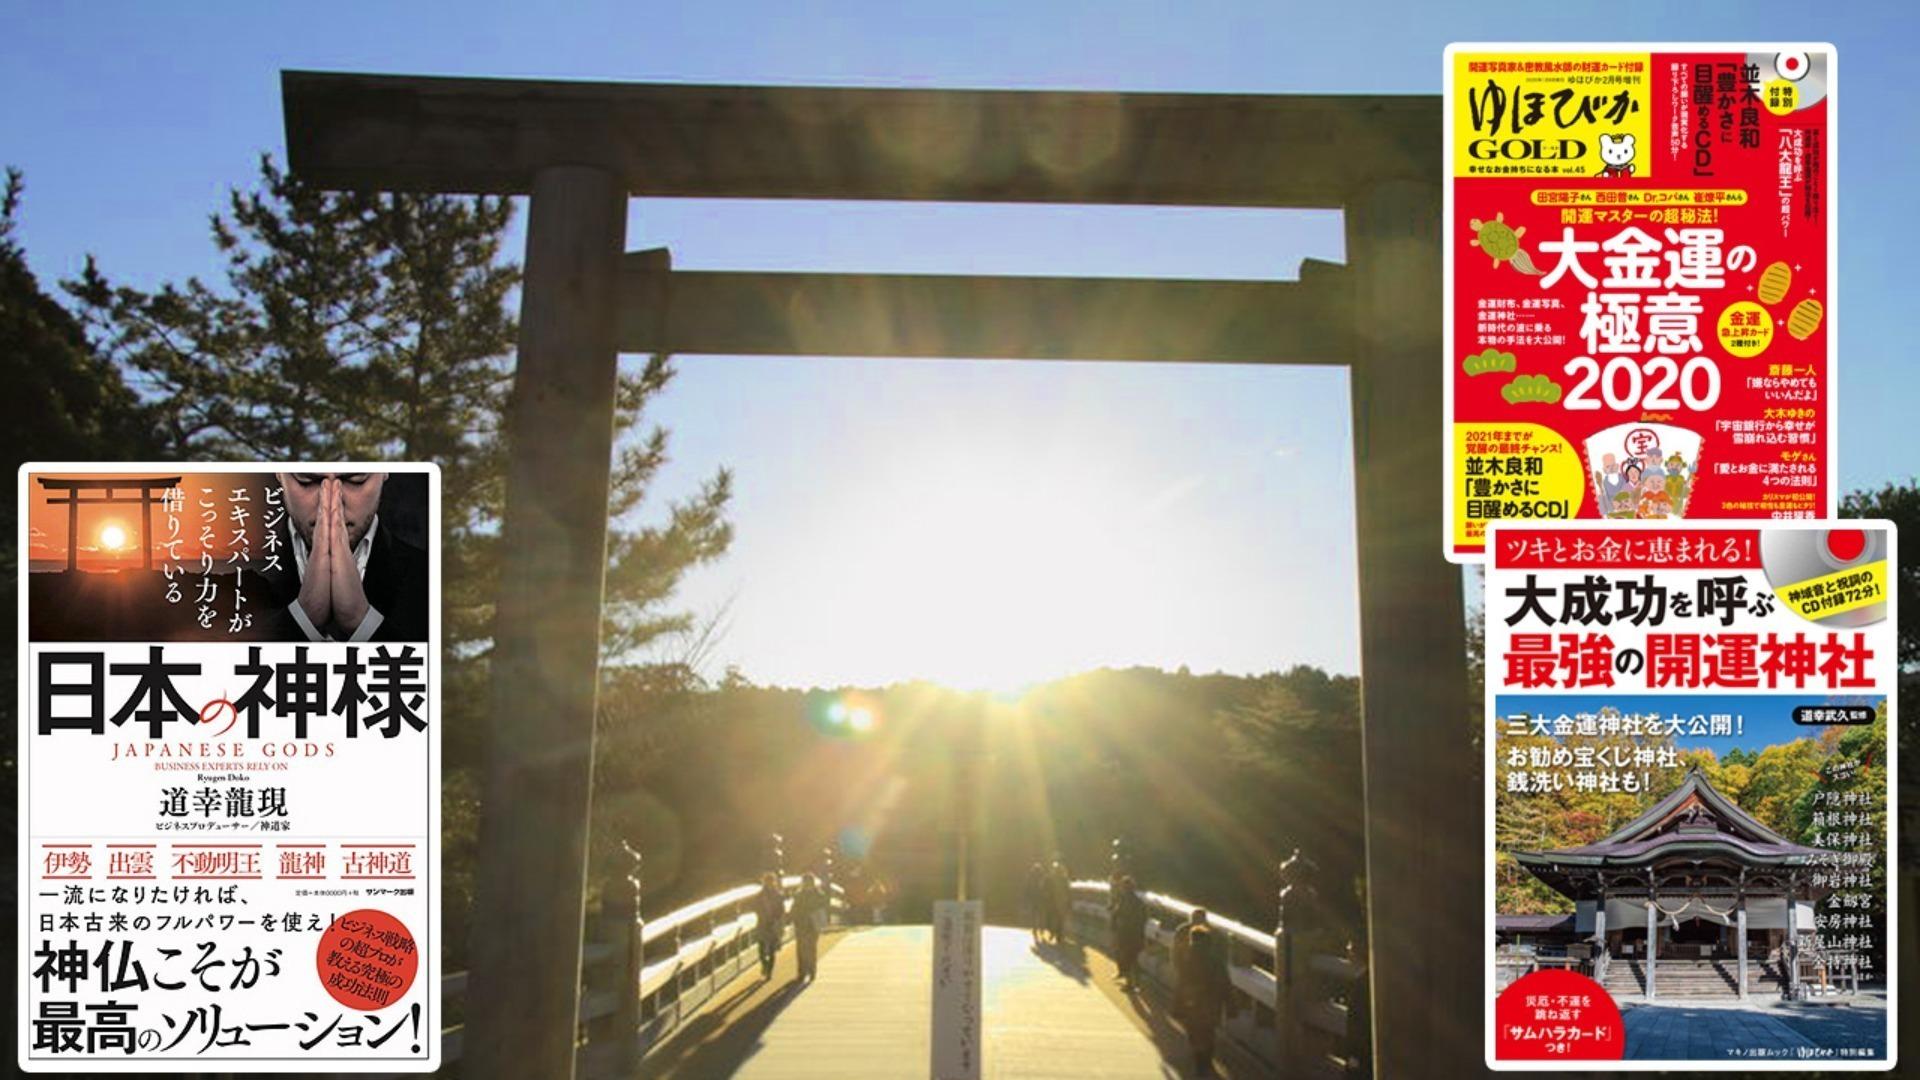 20.3.20【神道編】第7回大祓祝詞解説/非会員1000円にて購入可